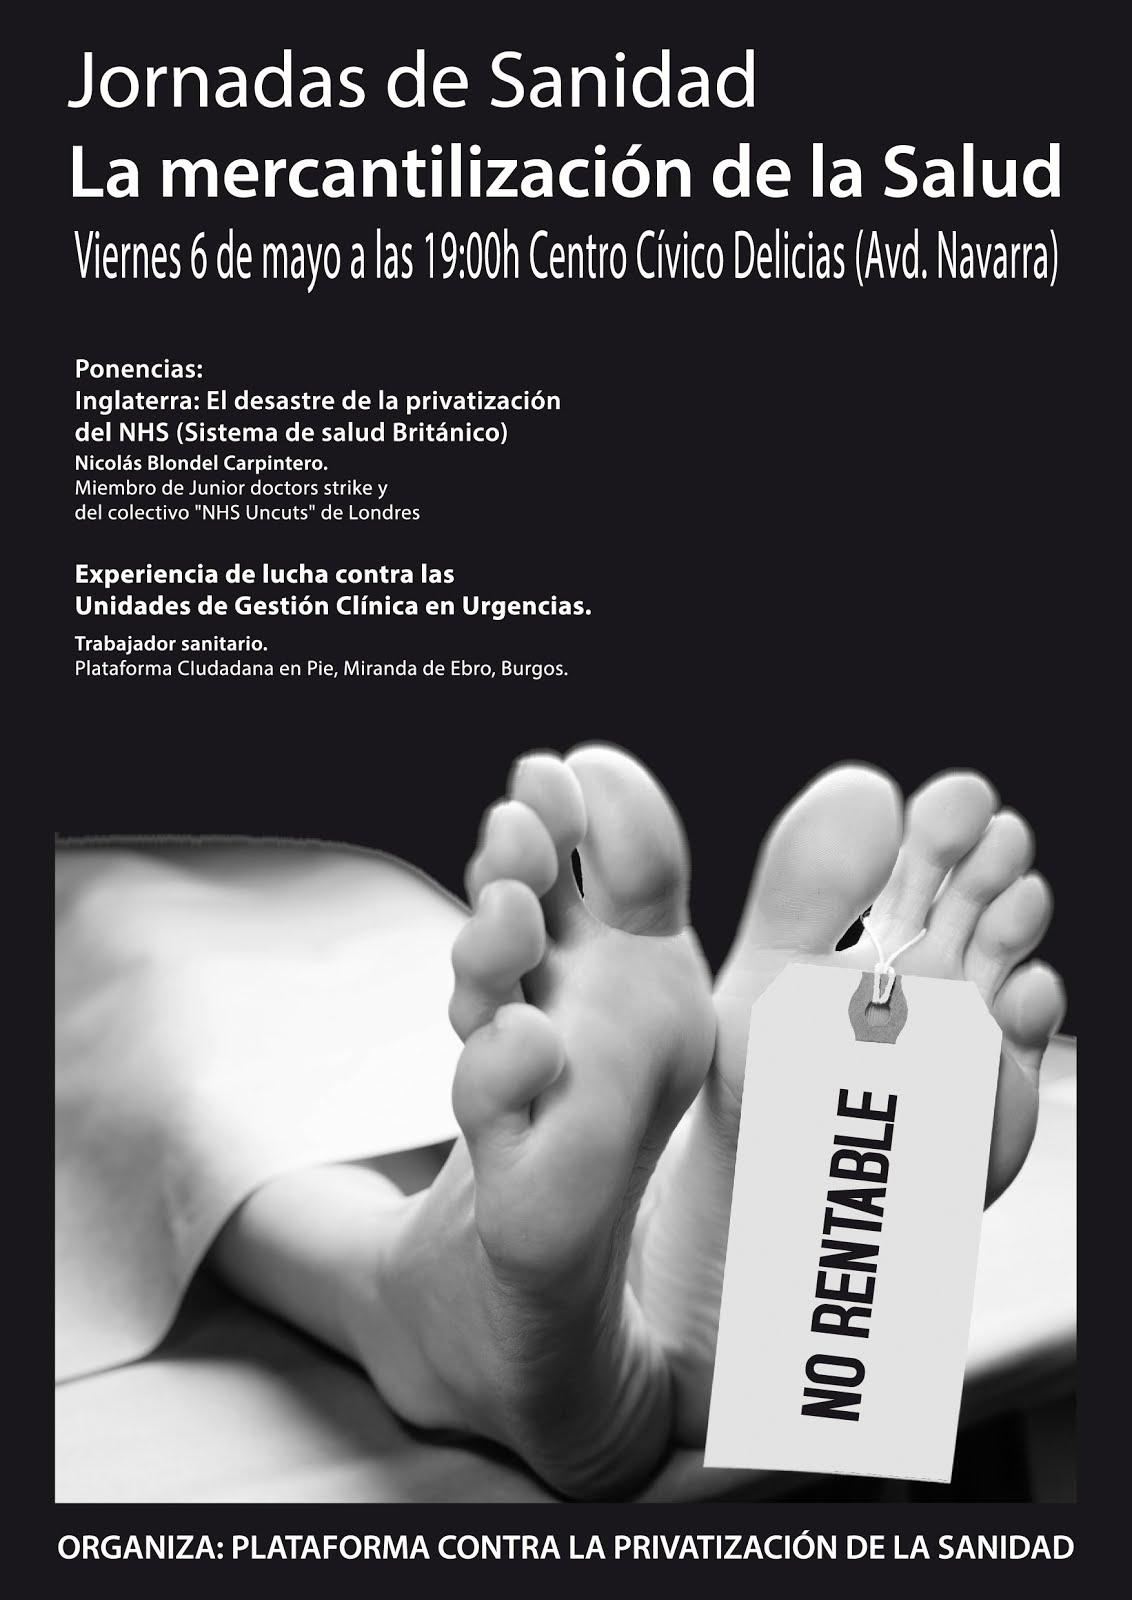 Jornadas sanidad- viernes 6 de mayo